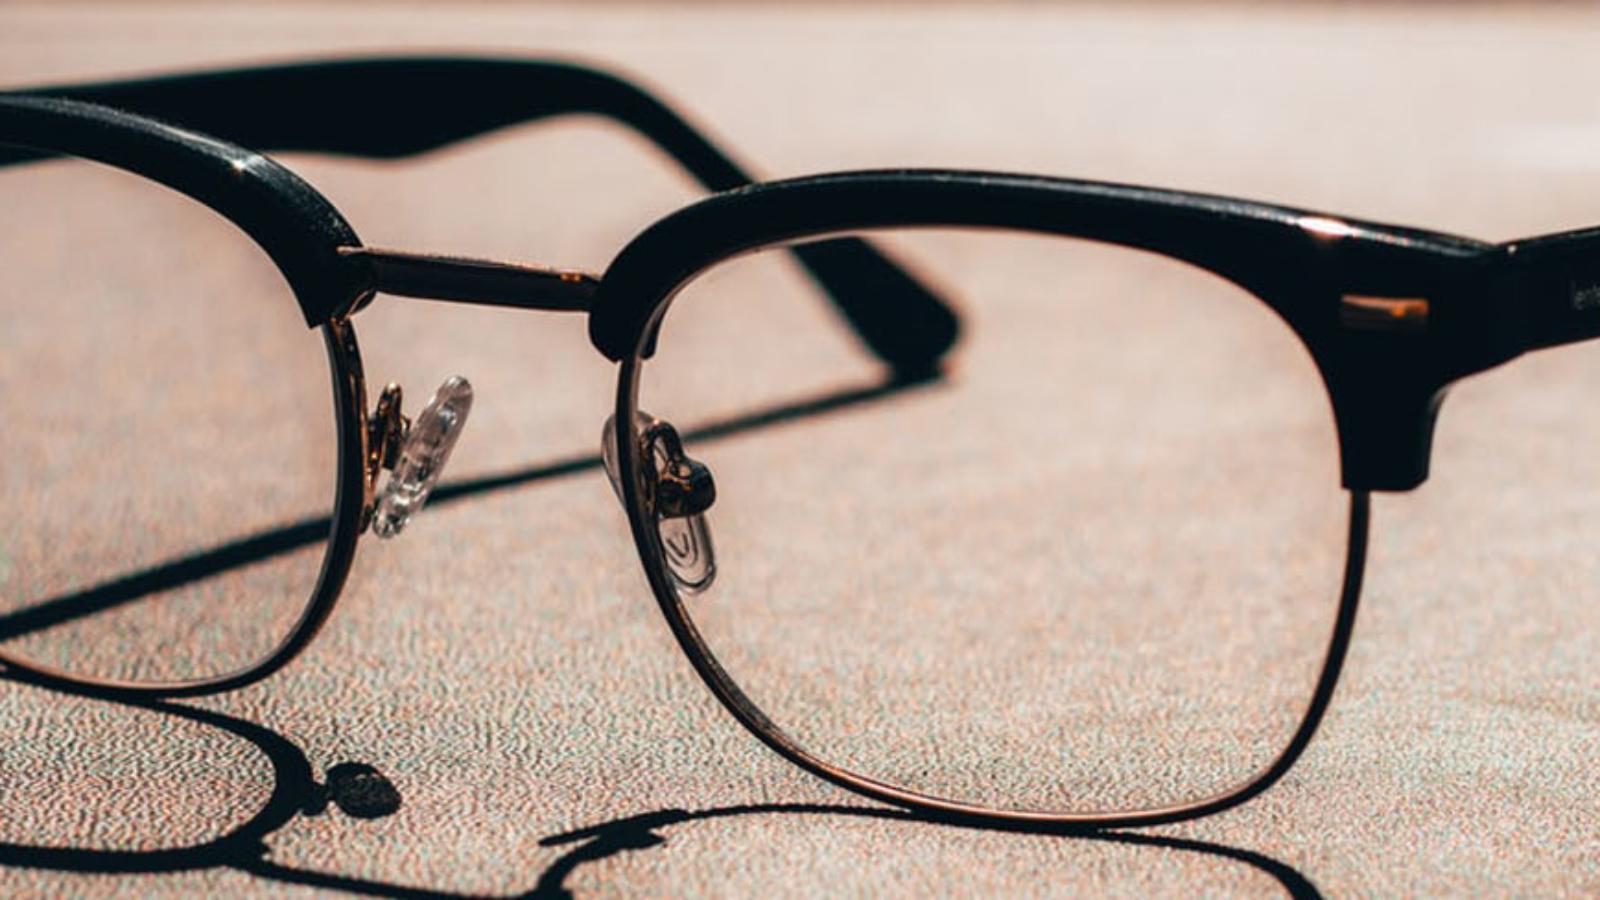 lunette-de-vue-noir